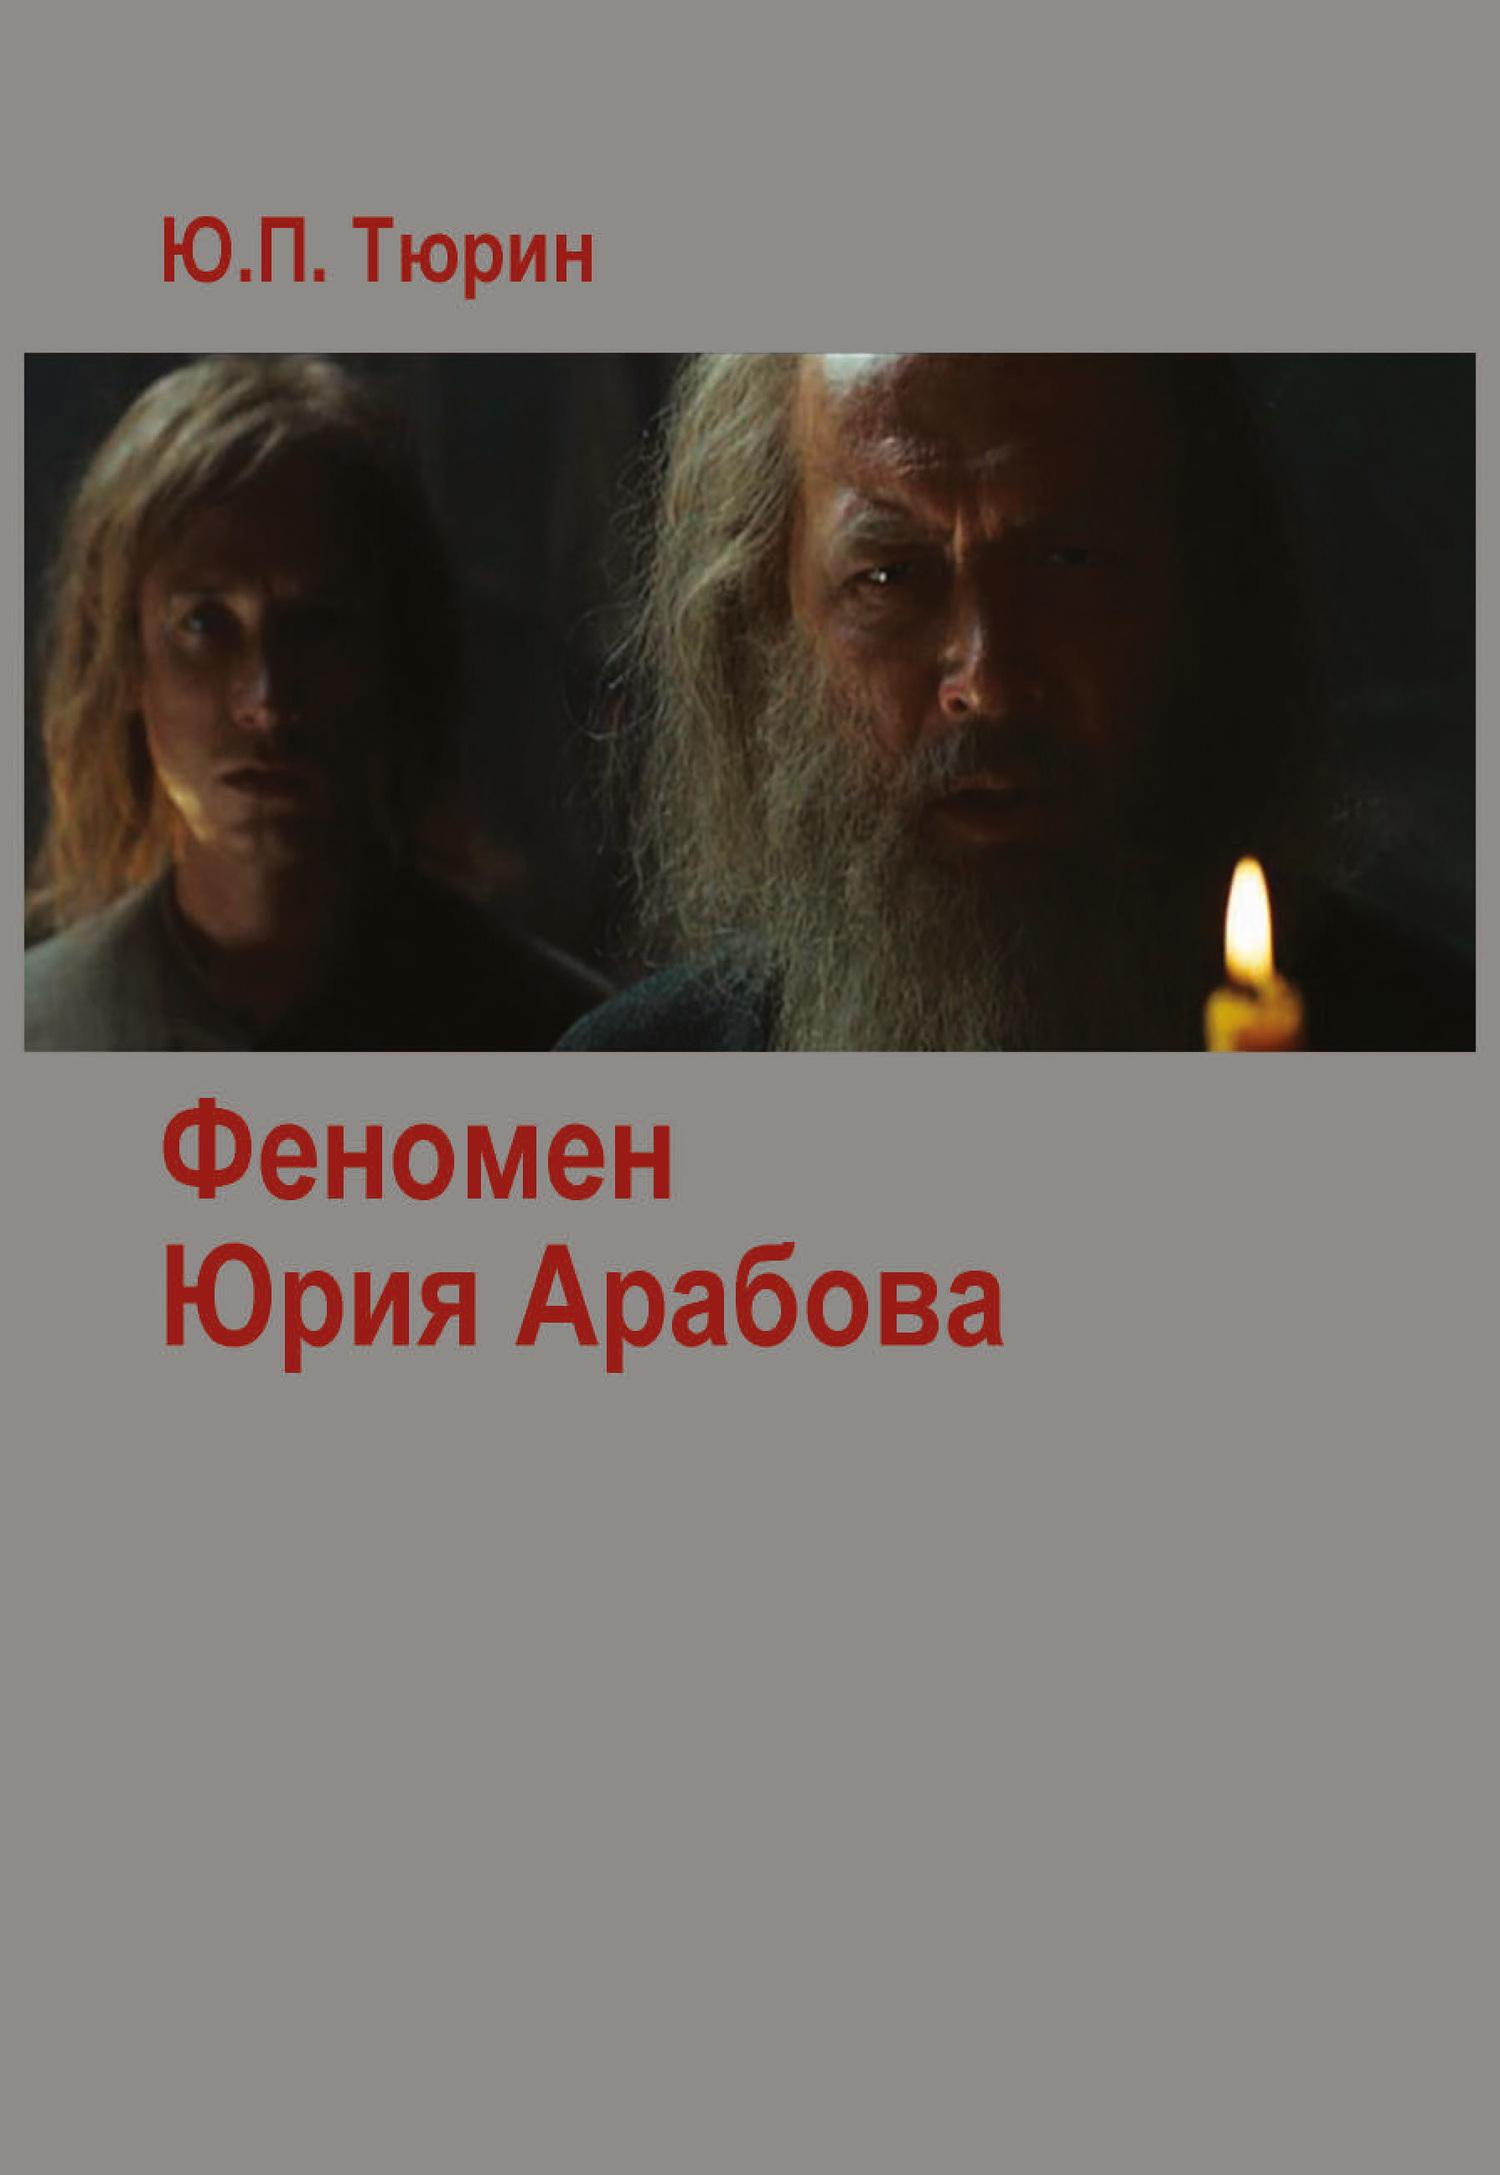 Юрий Тюрин Феномен Юрия Арабова (сборник)